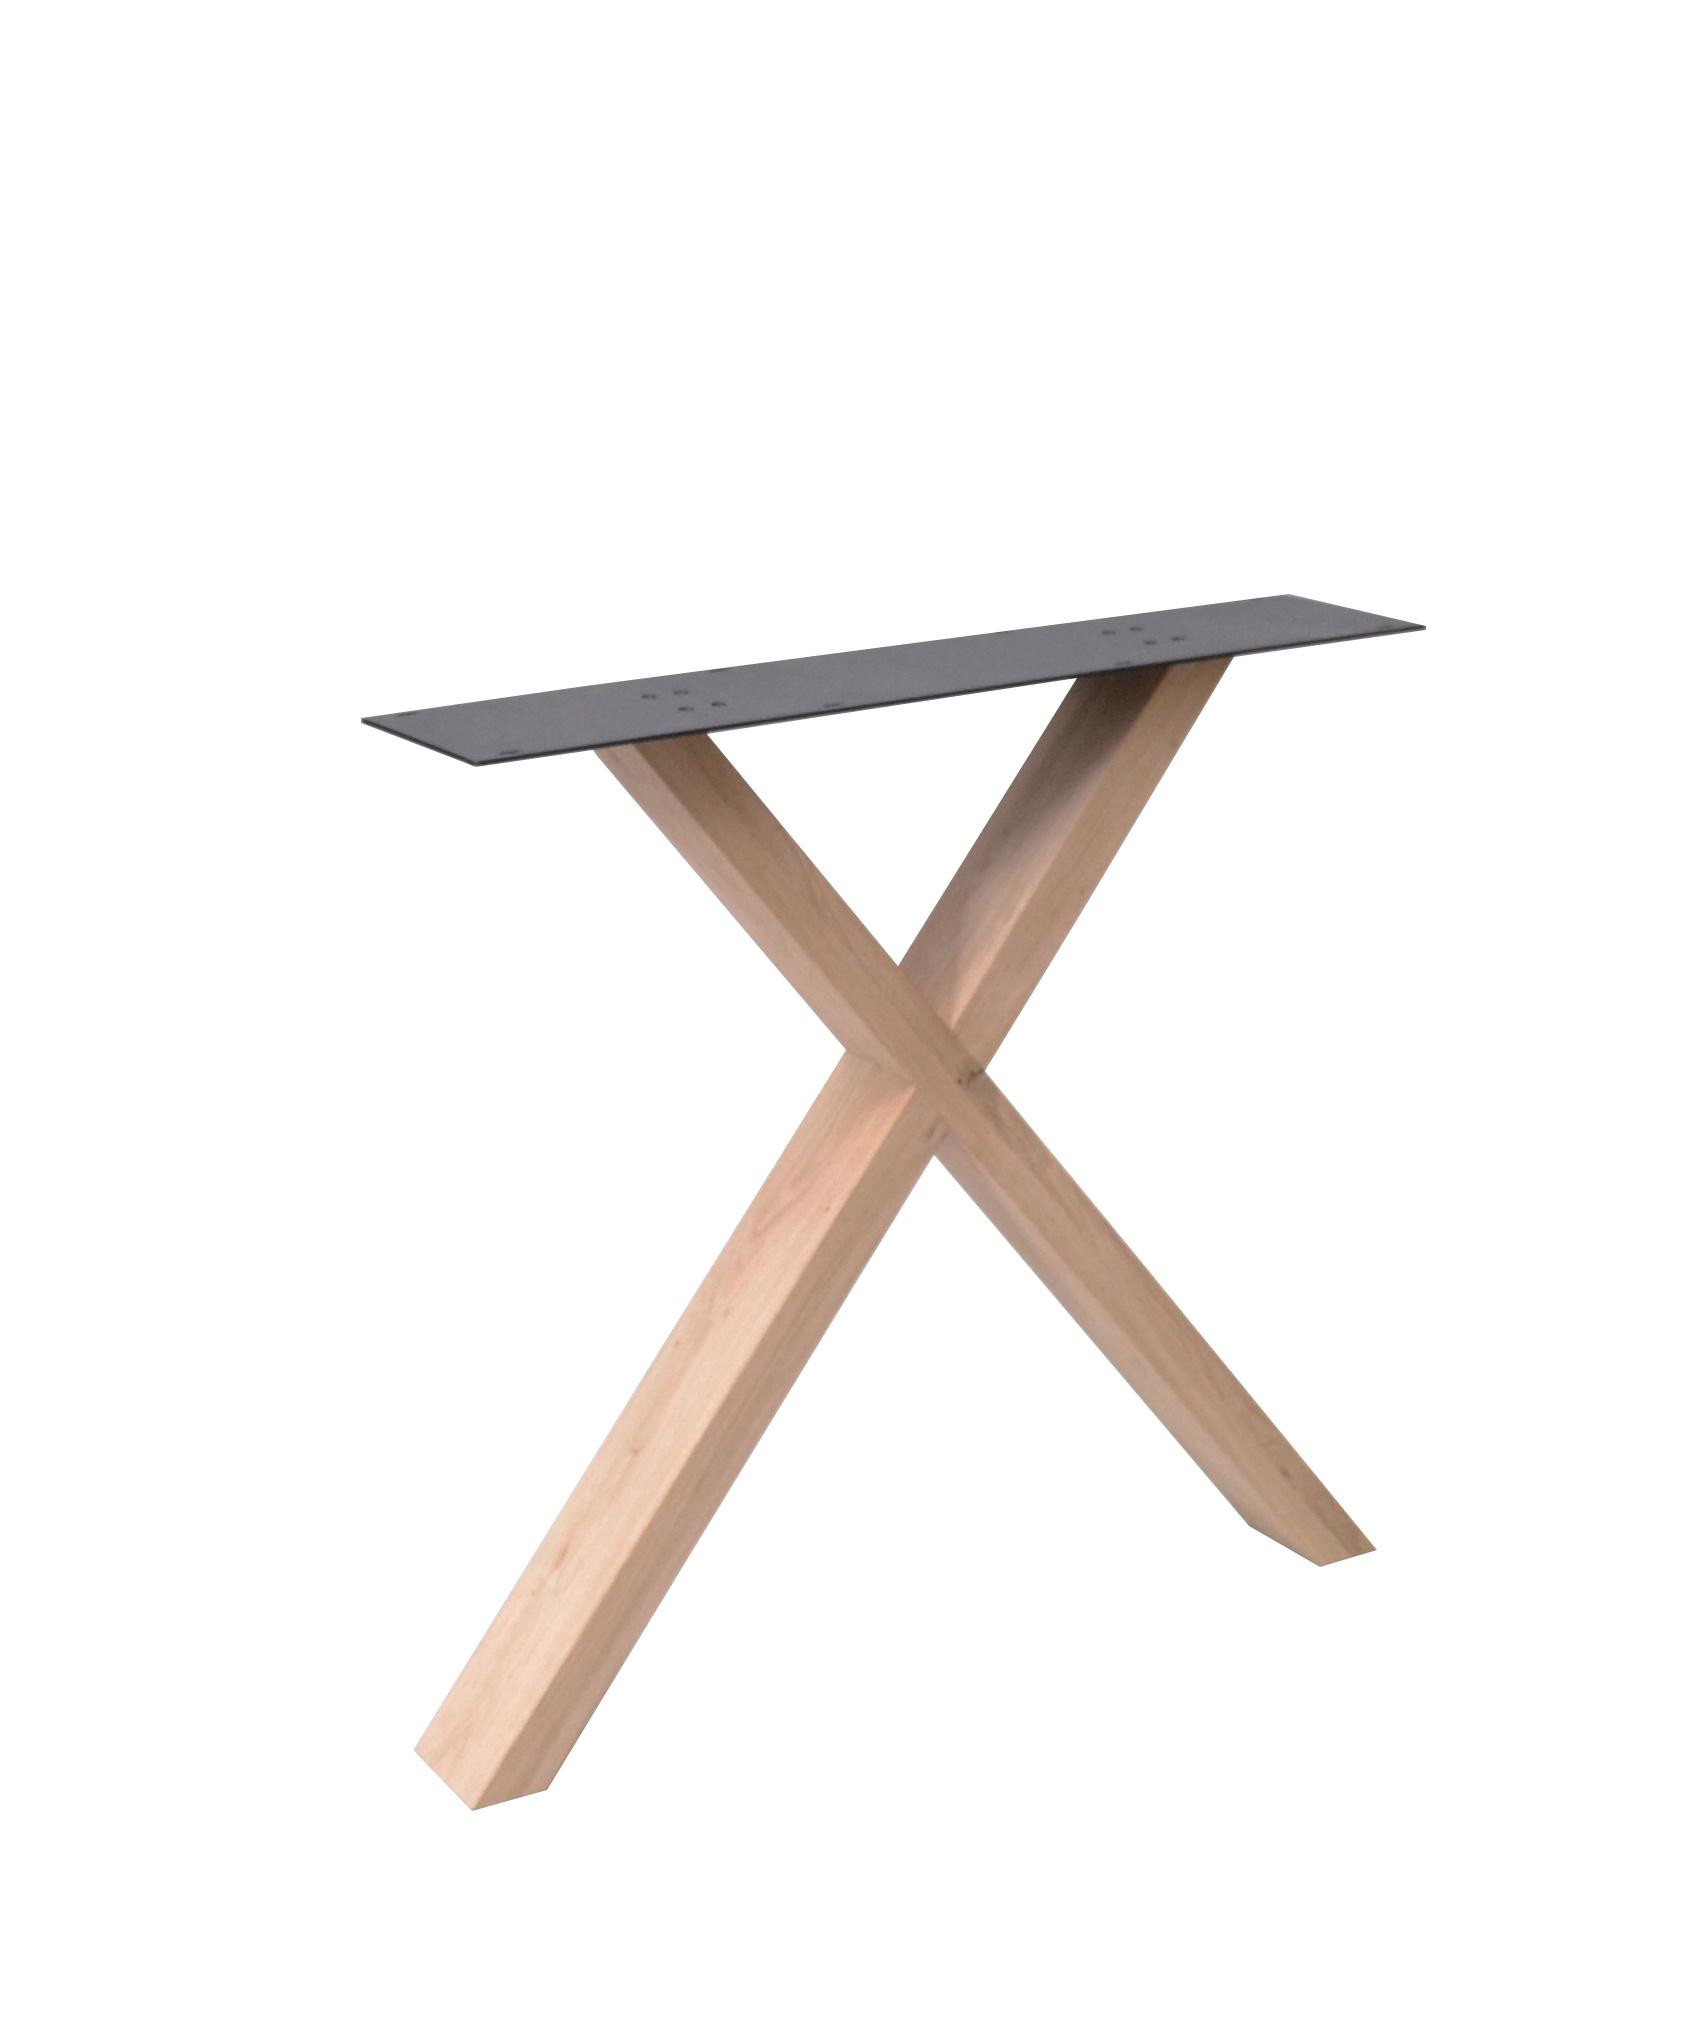 Eiken X-tafelpoten ELEGANT (SET - 2 stuks) 4x10 cm - 78 cm breed - 72 cm hoog - Kruispoot / X-poot van rustiek eikenhout